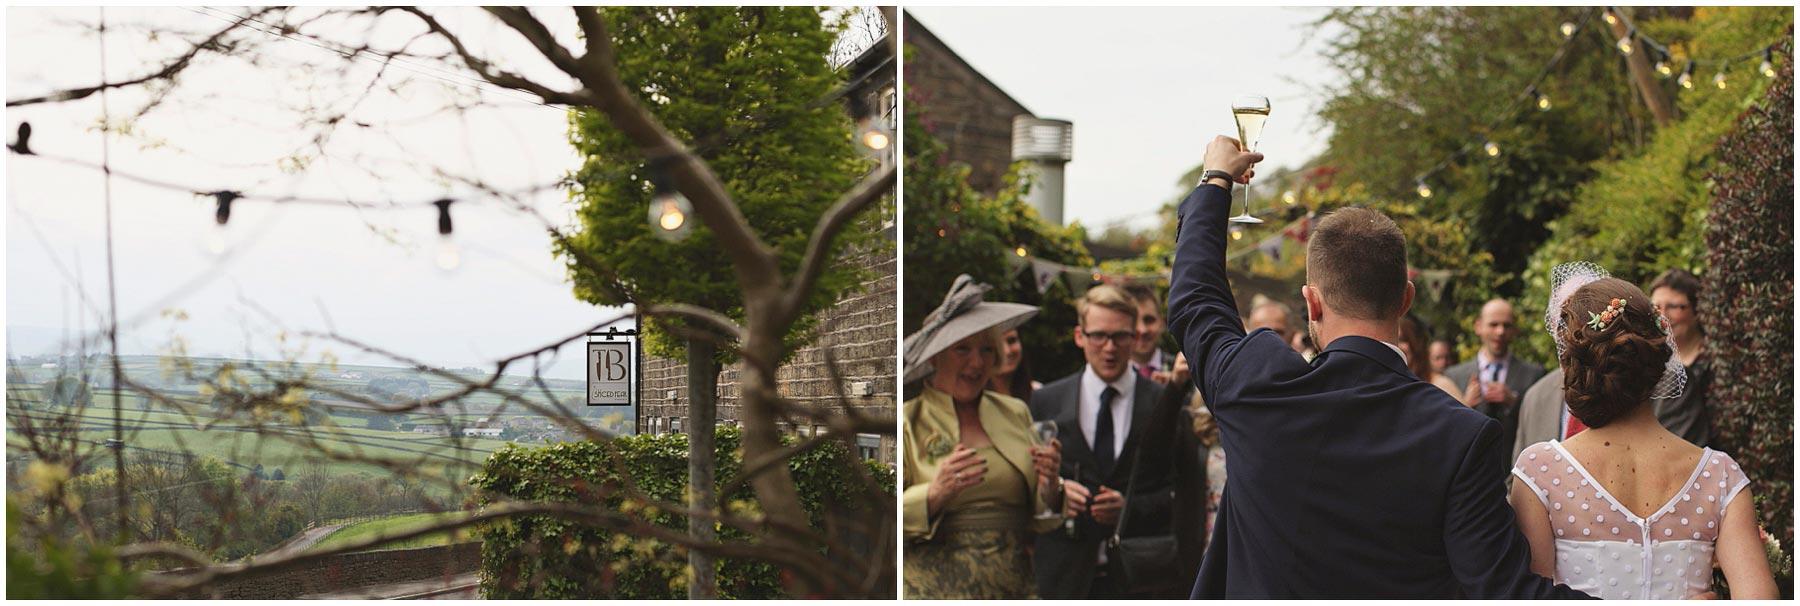 the-spiced-pear-wedding-photographer_0075